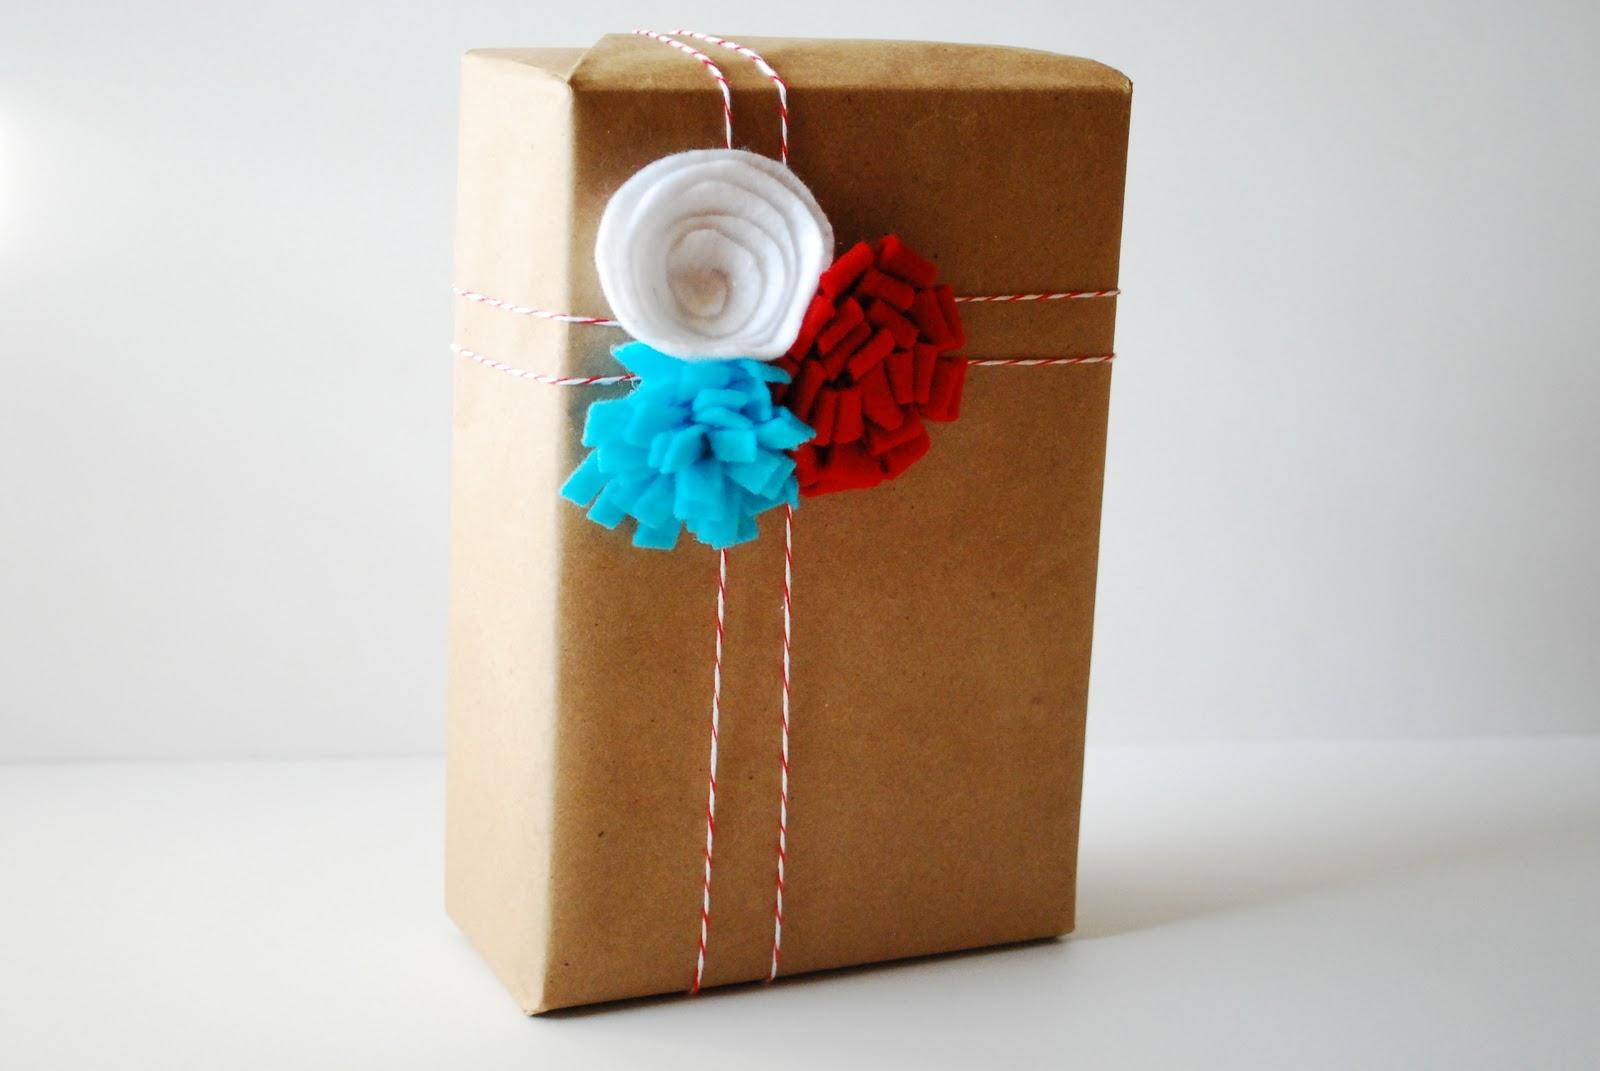 วิธีทำโบว์ห่อของขวัญด้วยตัวเอง,ทำโบว์ง่าย ๆ ,พับโบว์เอง,ทำโบว์เอง,โบว์ดอกไม้ง่าย,ทำโบว์ดอกไม้เอง,โบว์จากกระดาษ,โบว์จากผ้า ง่าย,โบว์จากริบบิ้นง่าย ทำเอง